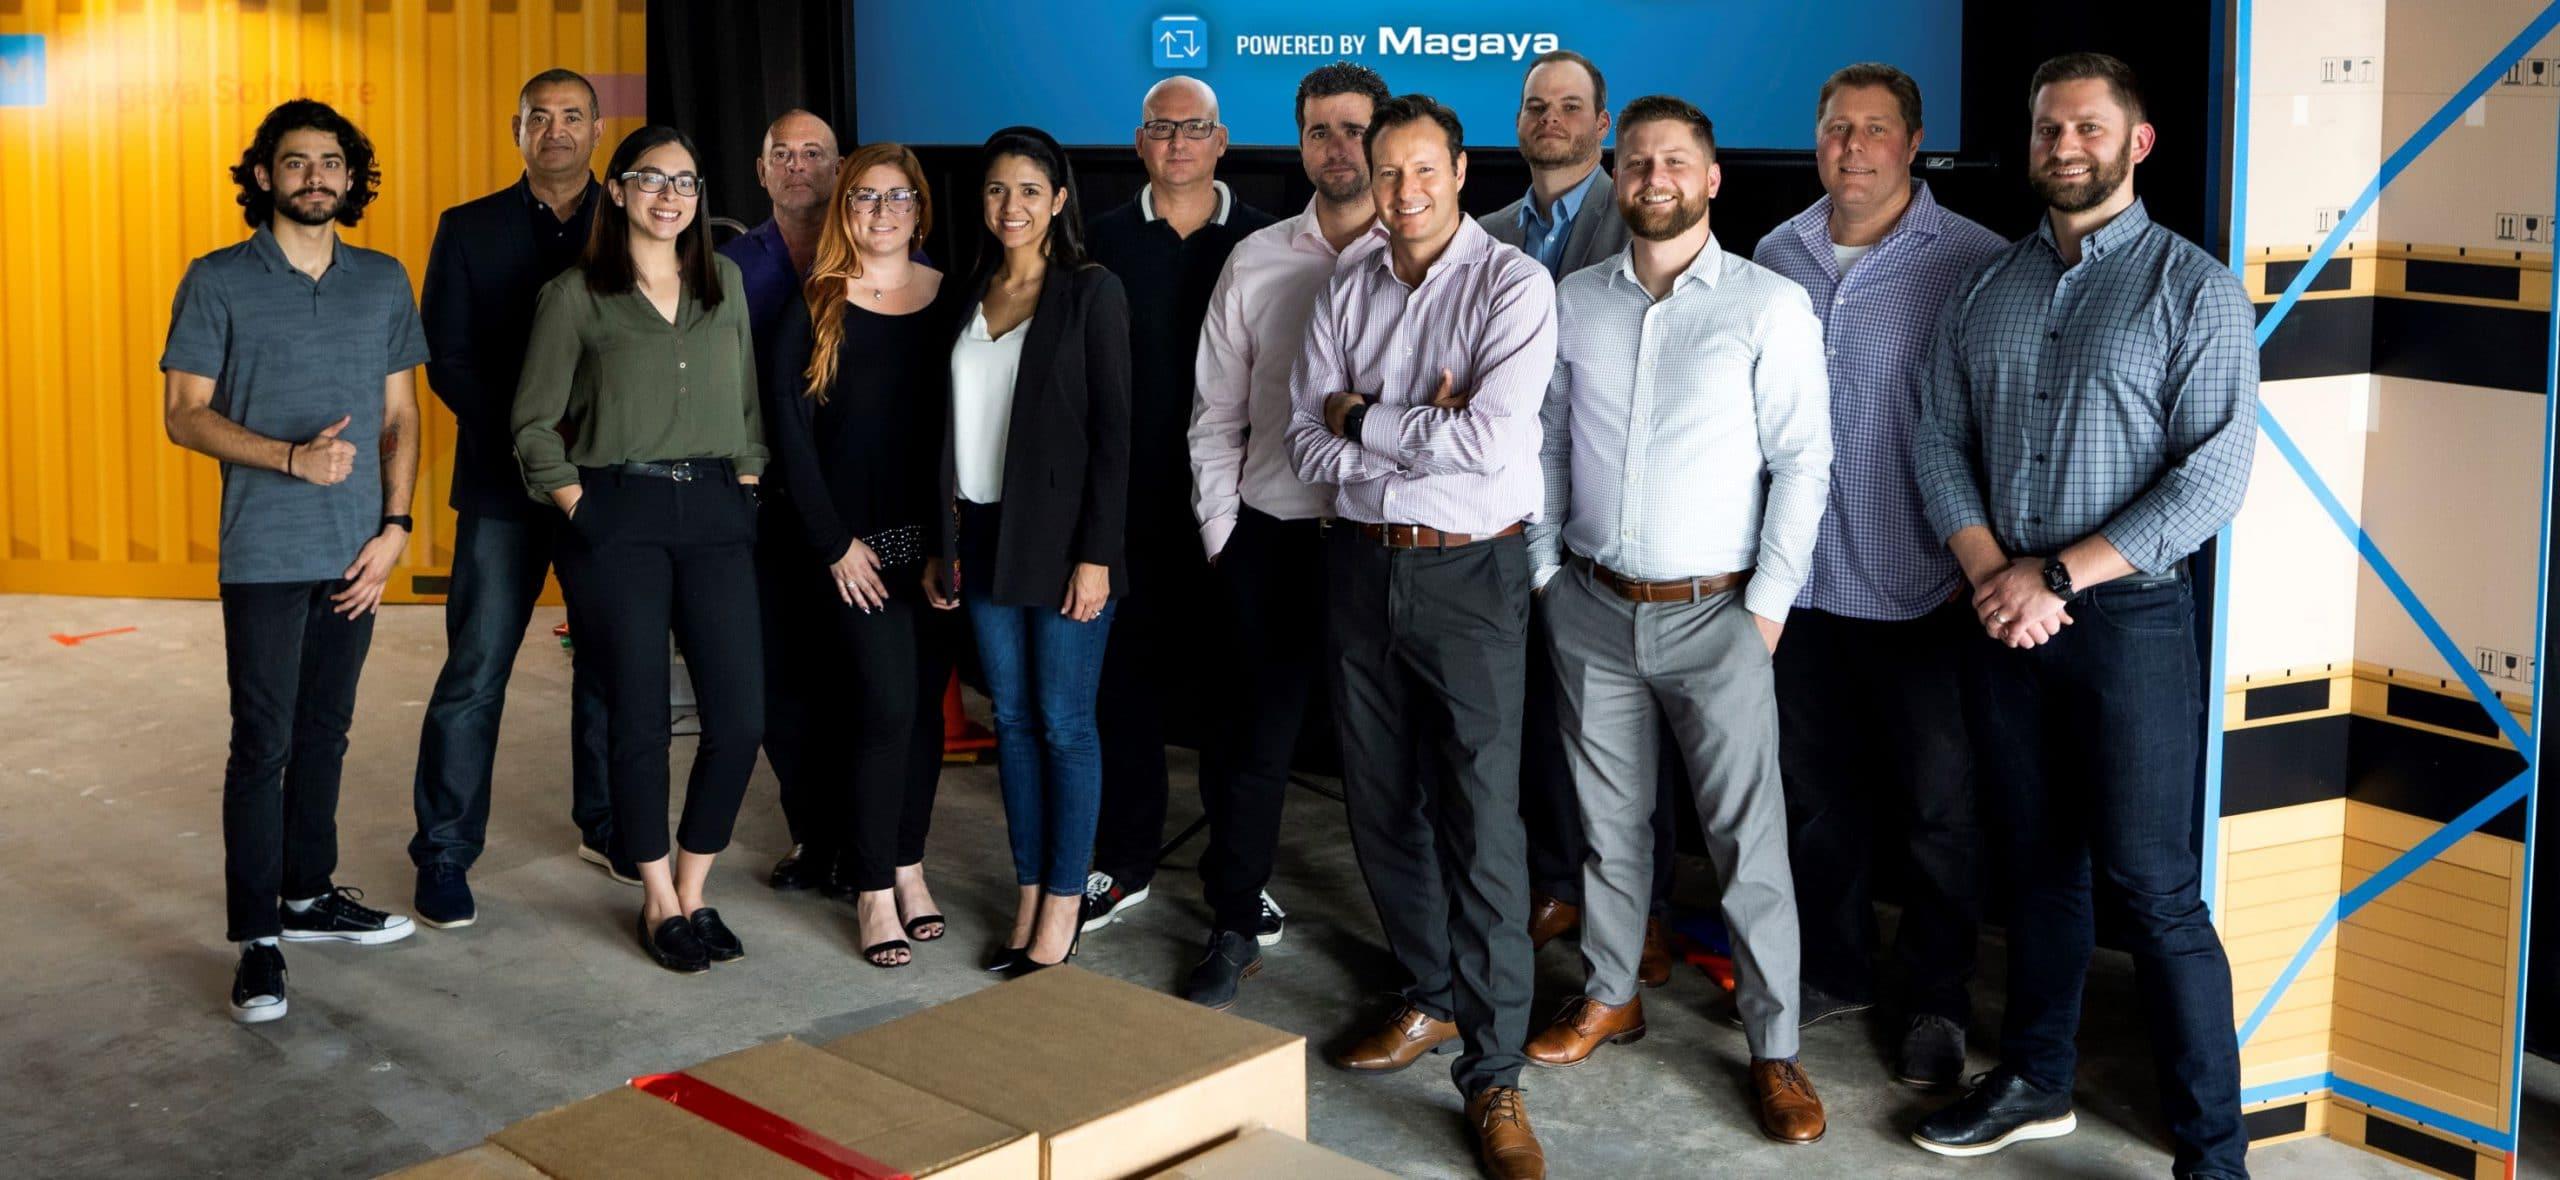 El equipo de Magaya se reúne en un almacén para el evento Dimensioner